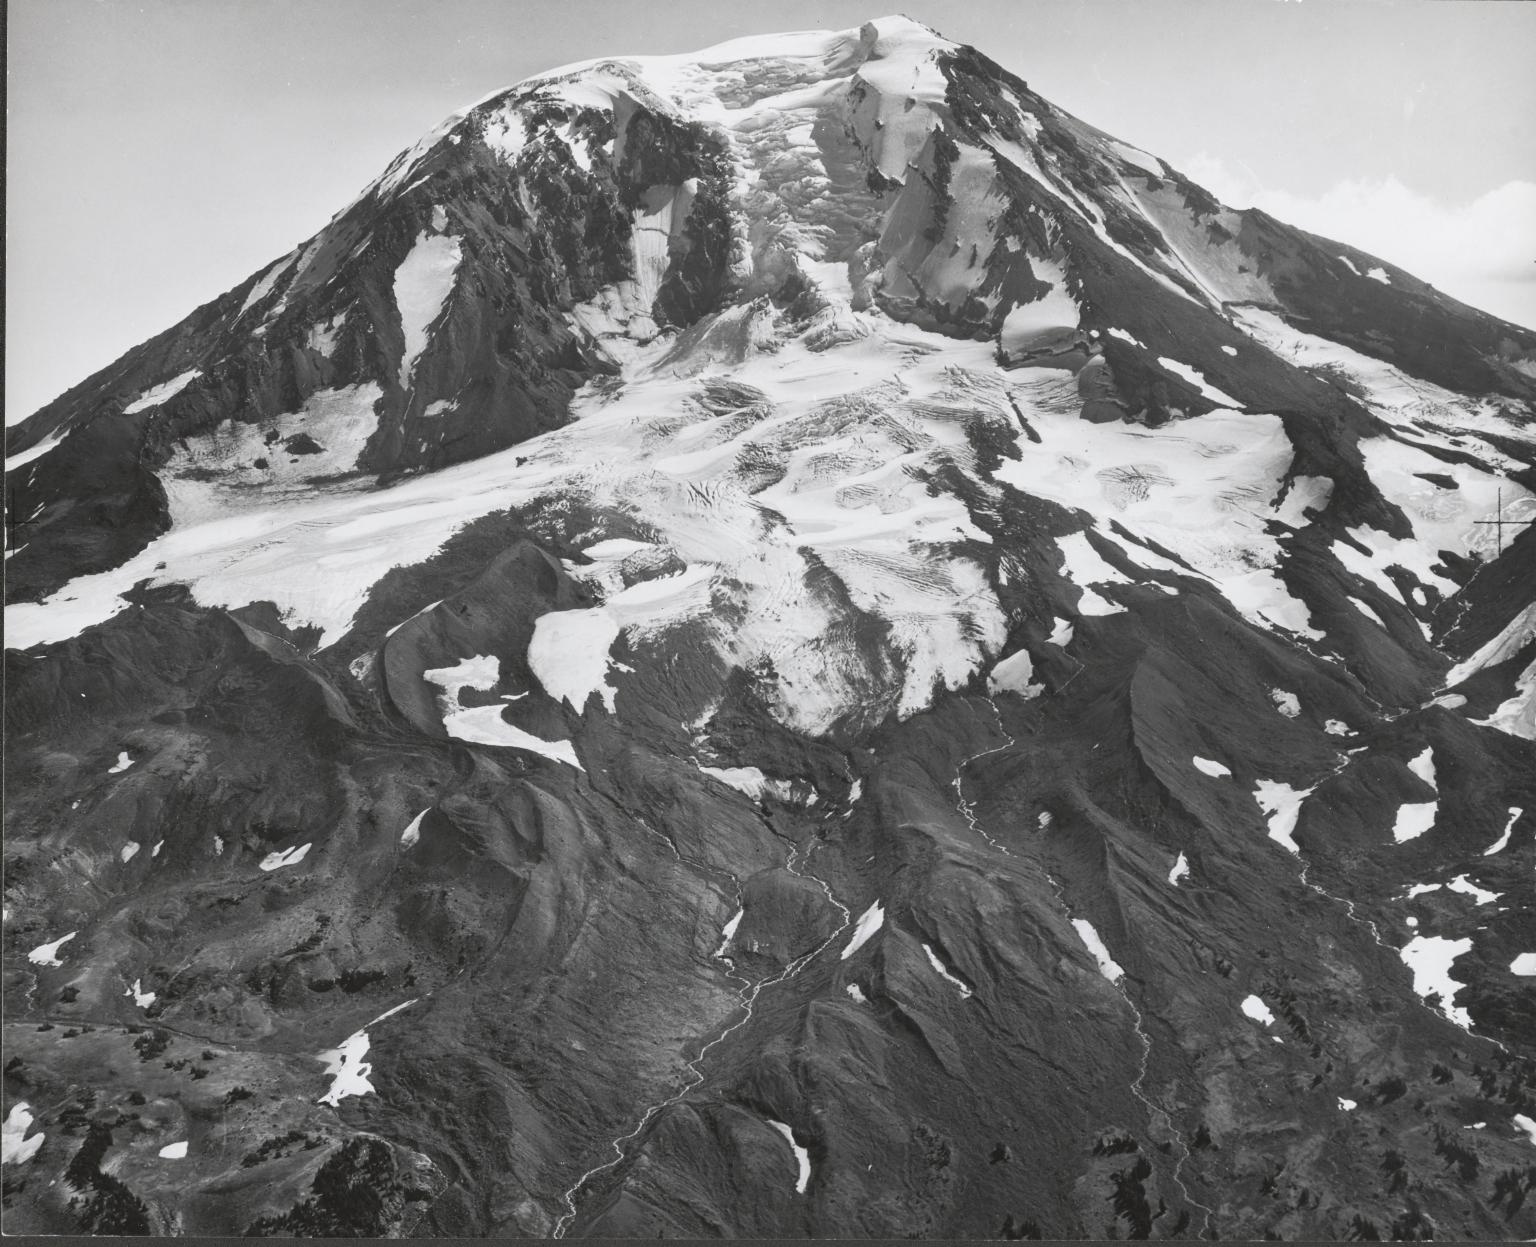 Adams Glacier, Washington